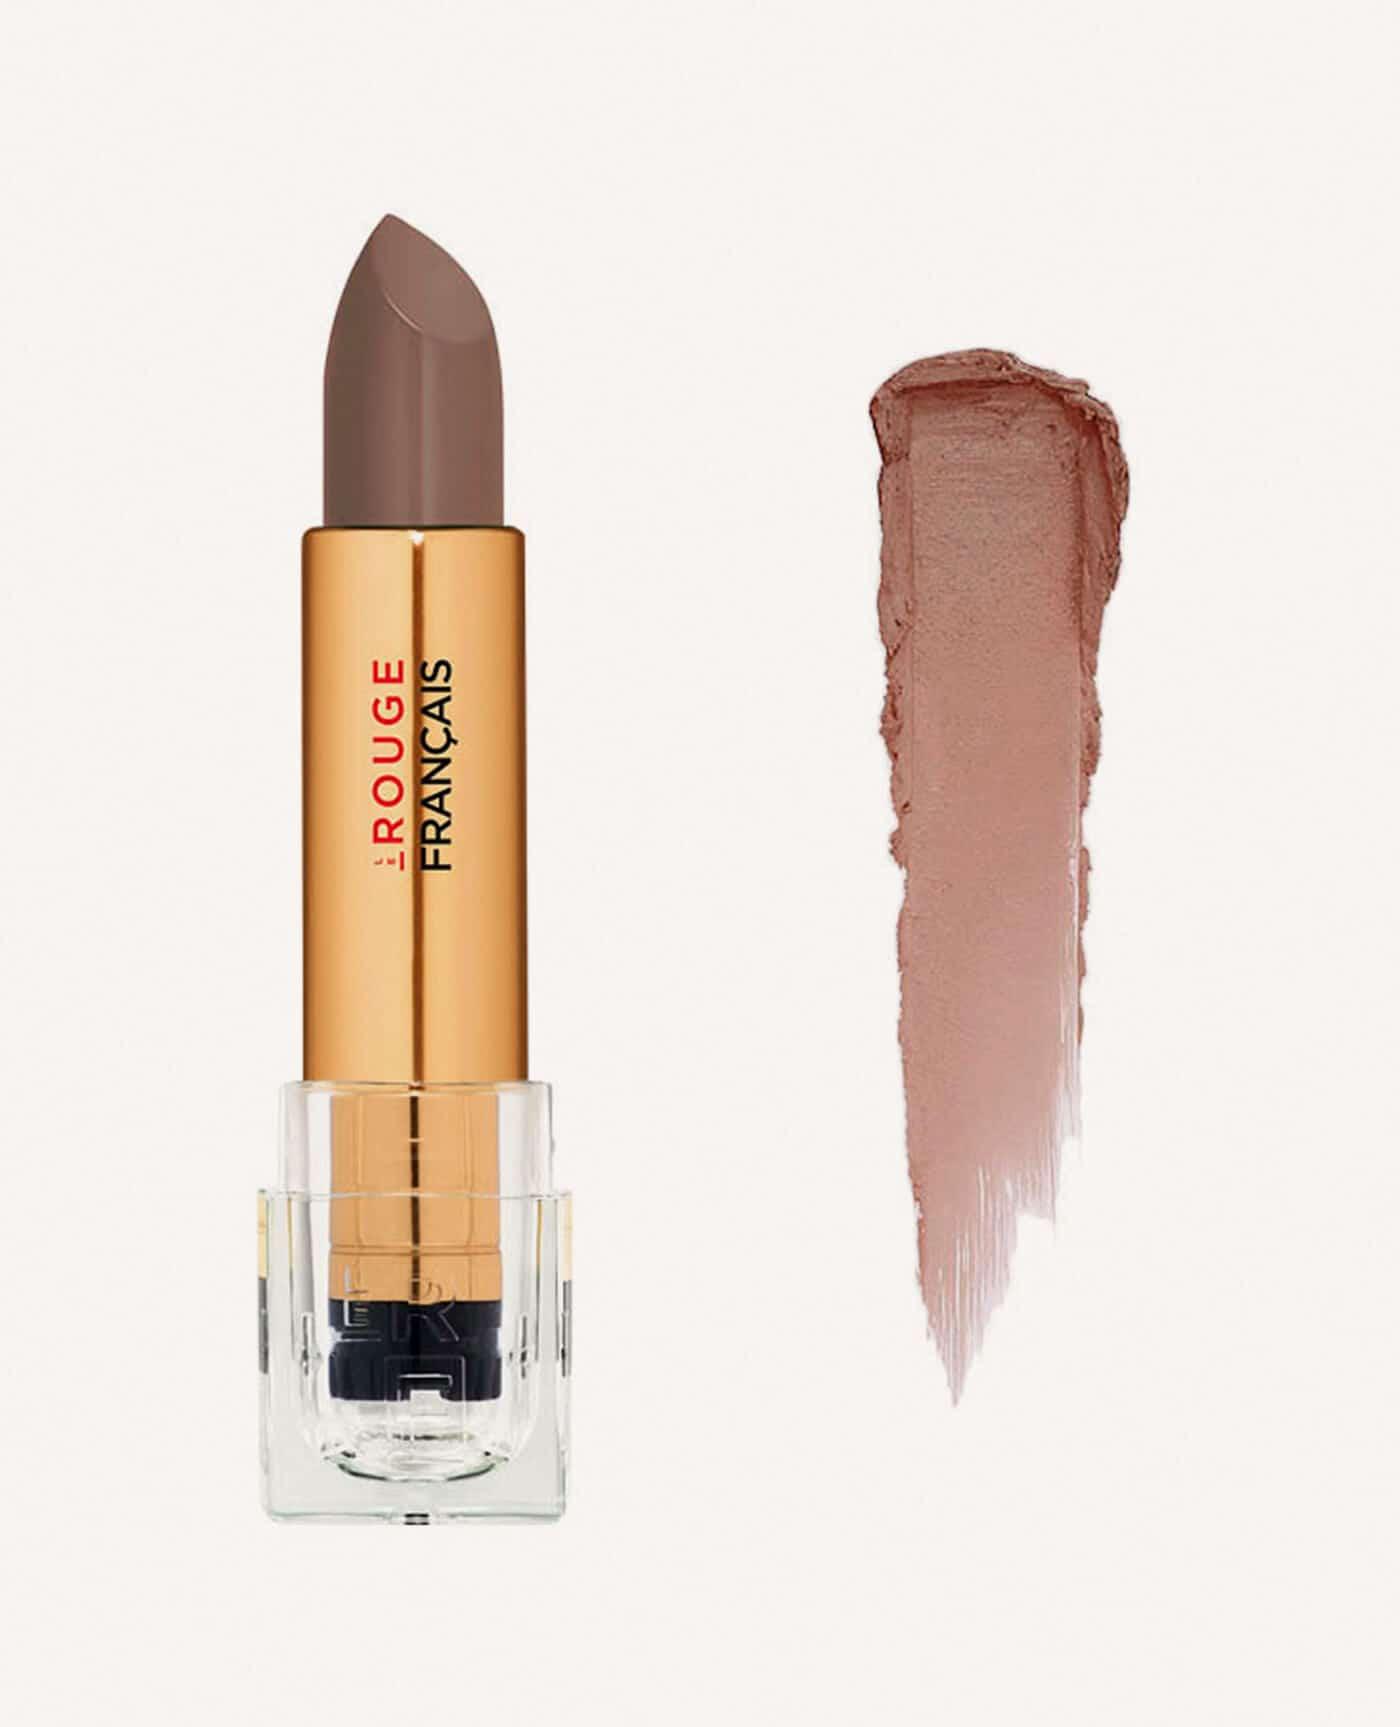 Rouge à lèvres rechargeable Castanea bio et vegan couleur nude de la marque Le rouge Français Made in France